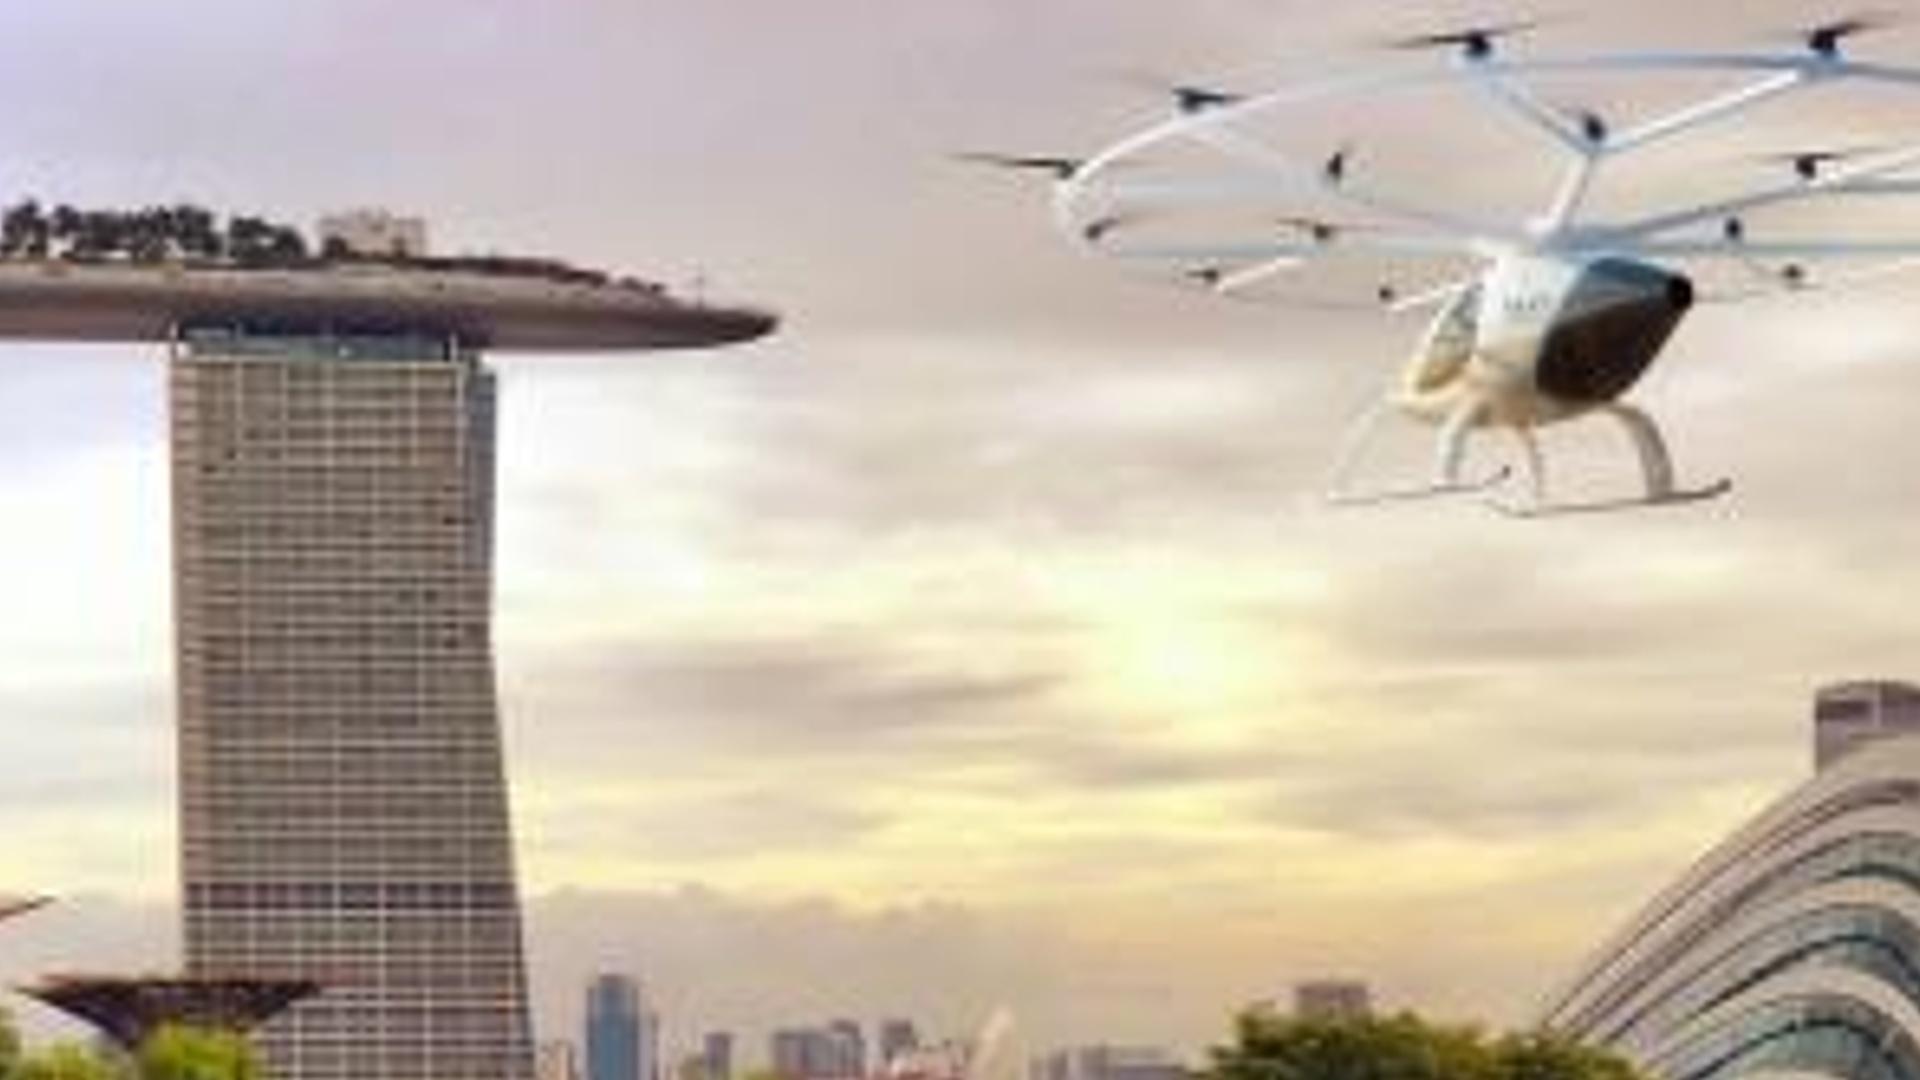 2024-cü ilədək Fransa və Sinqapurda aerotaksi xidməti istifadəyə veriləcək